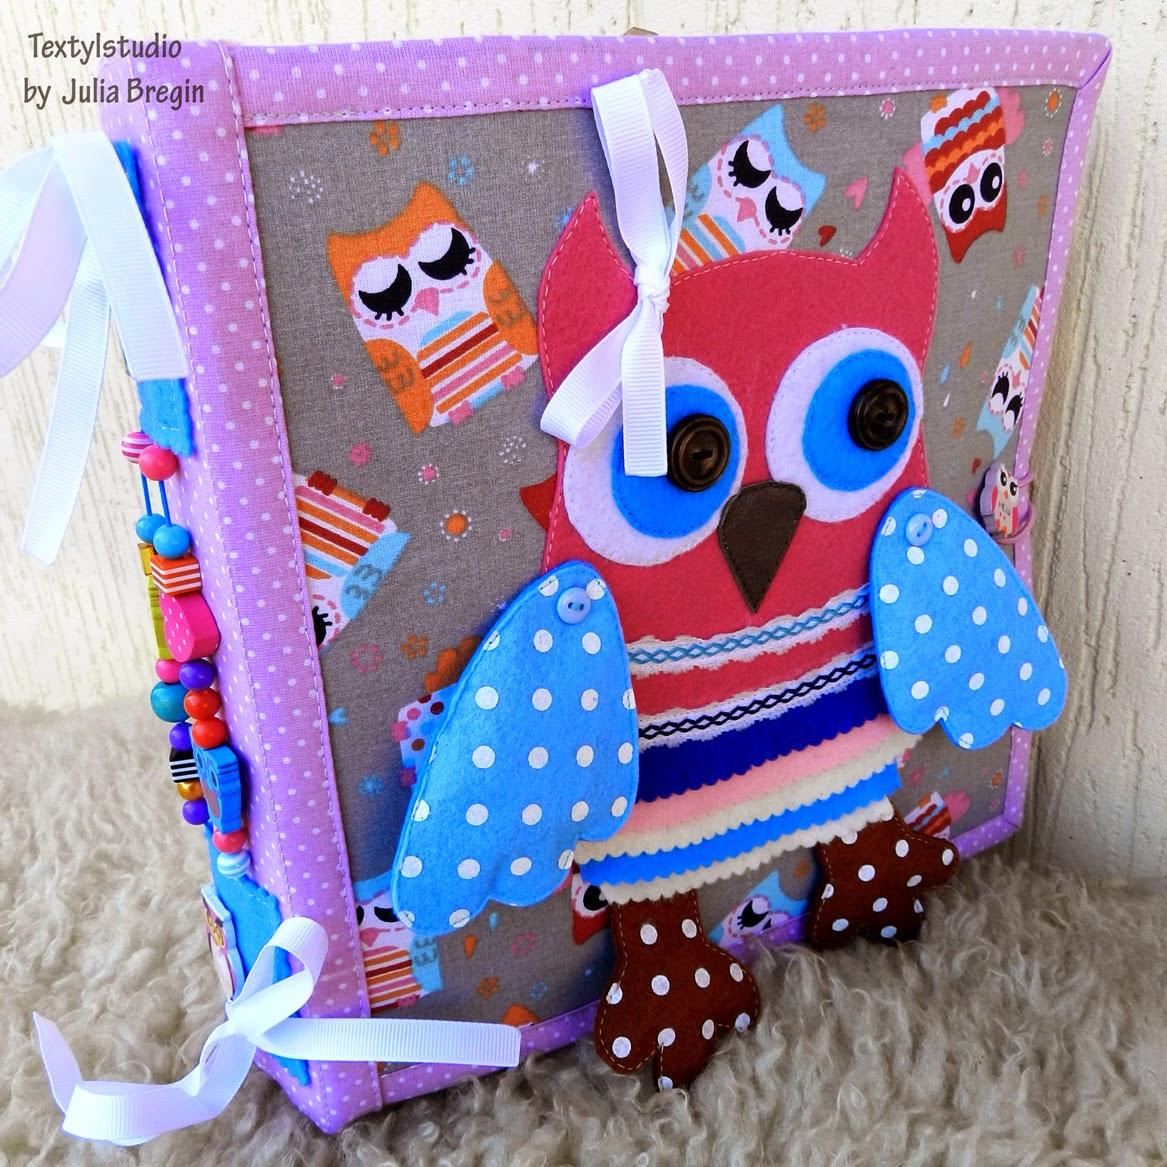 Quiet book,развивающая книжка, развивающая игрушка, текстильная книжка, розвивальна книжка